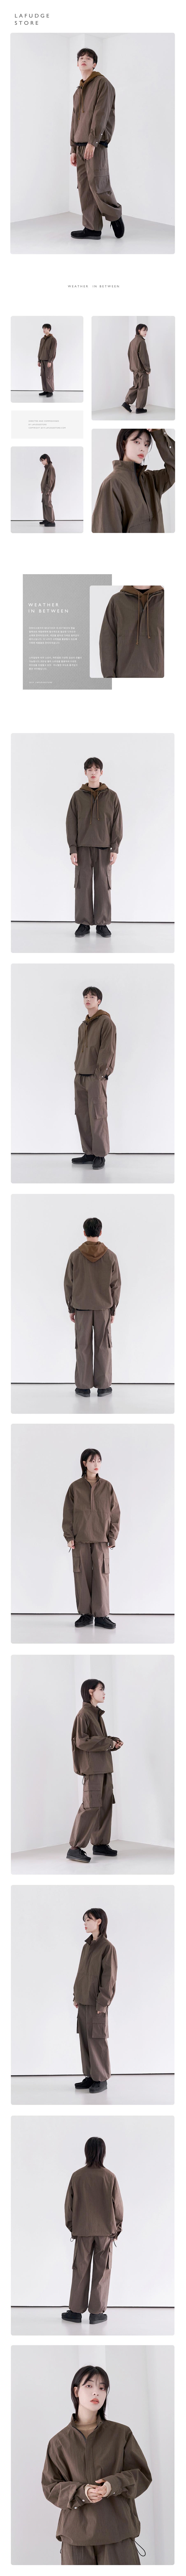 라퍼지스토어(LAFUDGESTORE) [SET]오디너리 아노락 셔츠자켓 조거셋업_Granite Brown